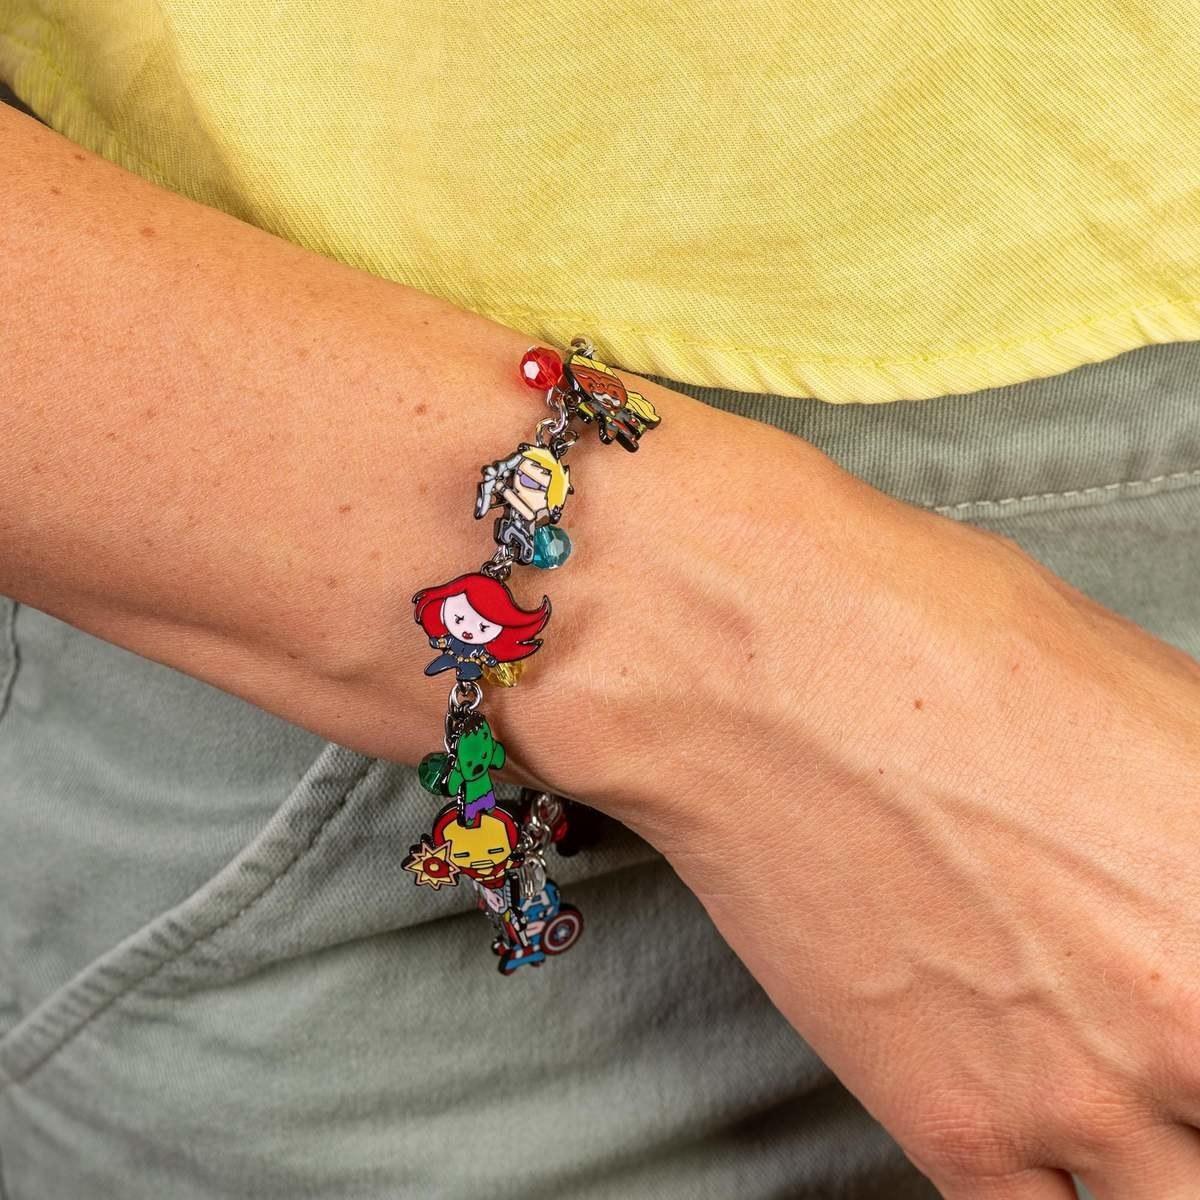 model wearing an Avengers charm bracelet